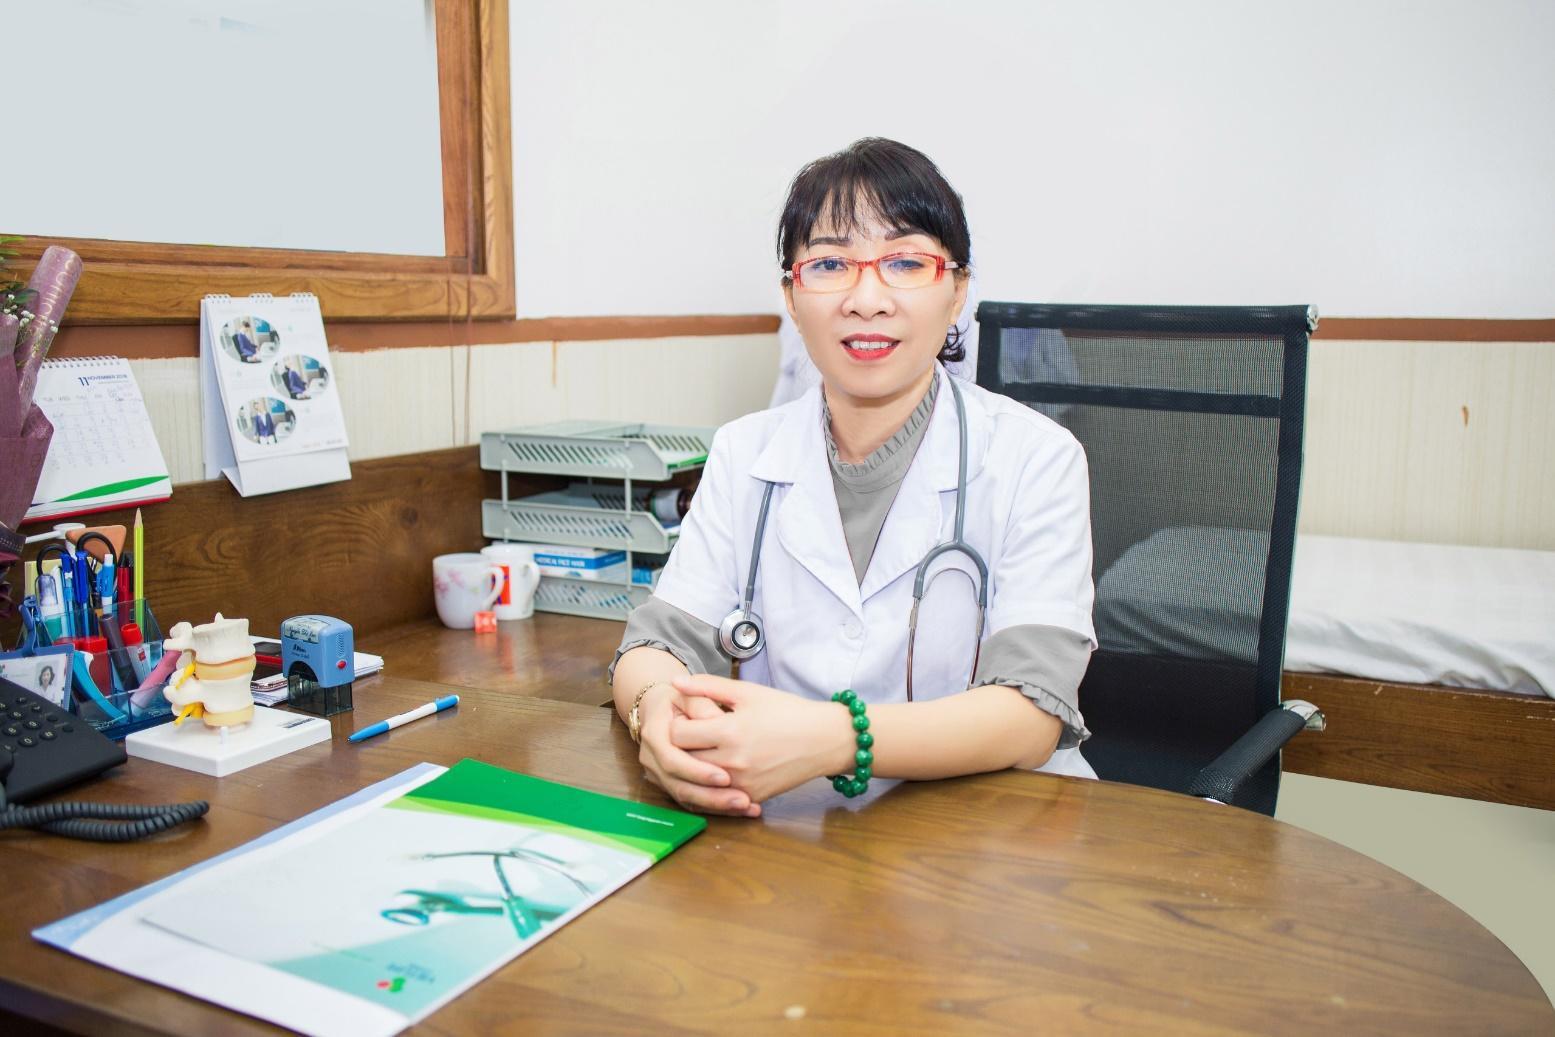 Tràn dịch khớp gối để điều trị hiệu quả cần xác định đúng nguyên nhân - Ảnh 1.